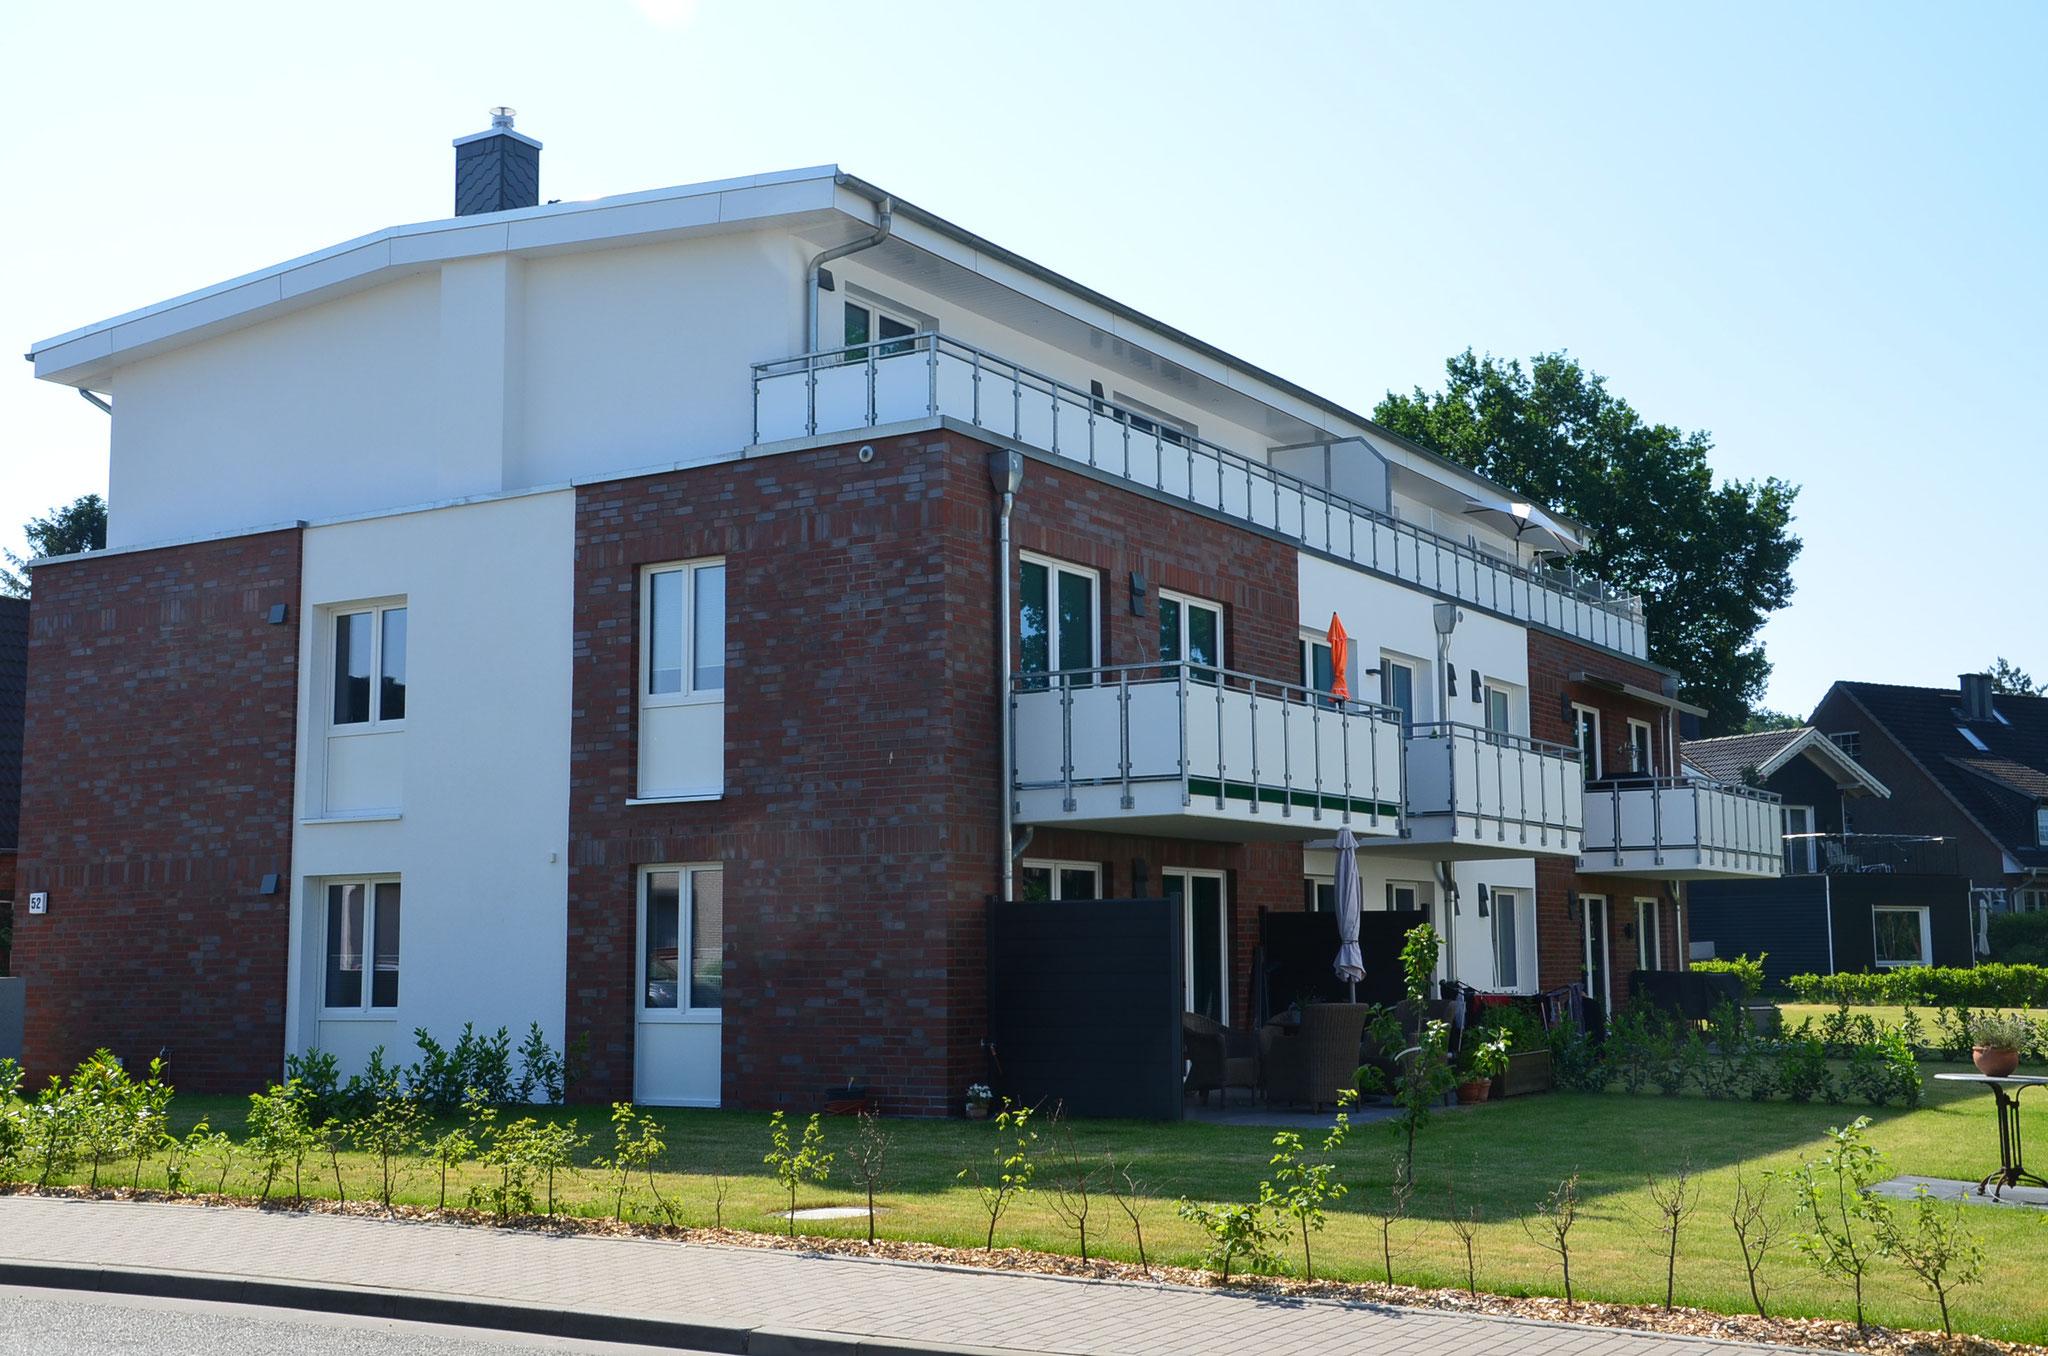 Mehrfamilienhaus - Wedel - Baujahr 2020 - 8 Wohneinheiten